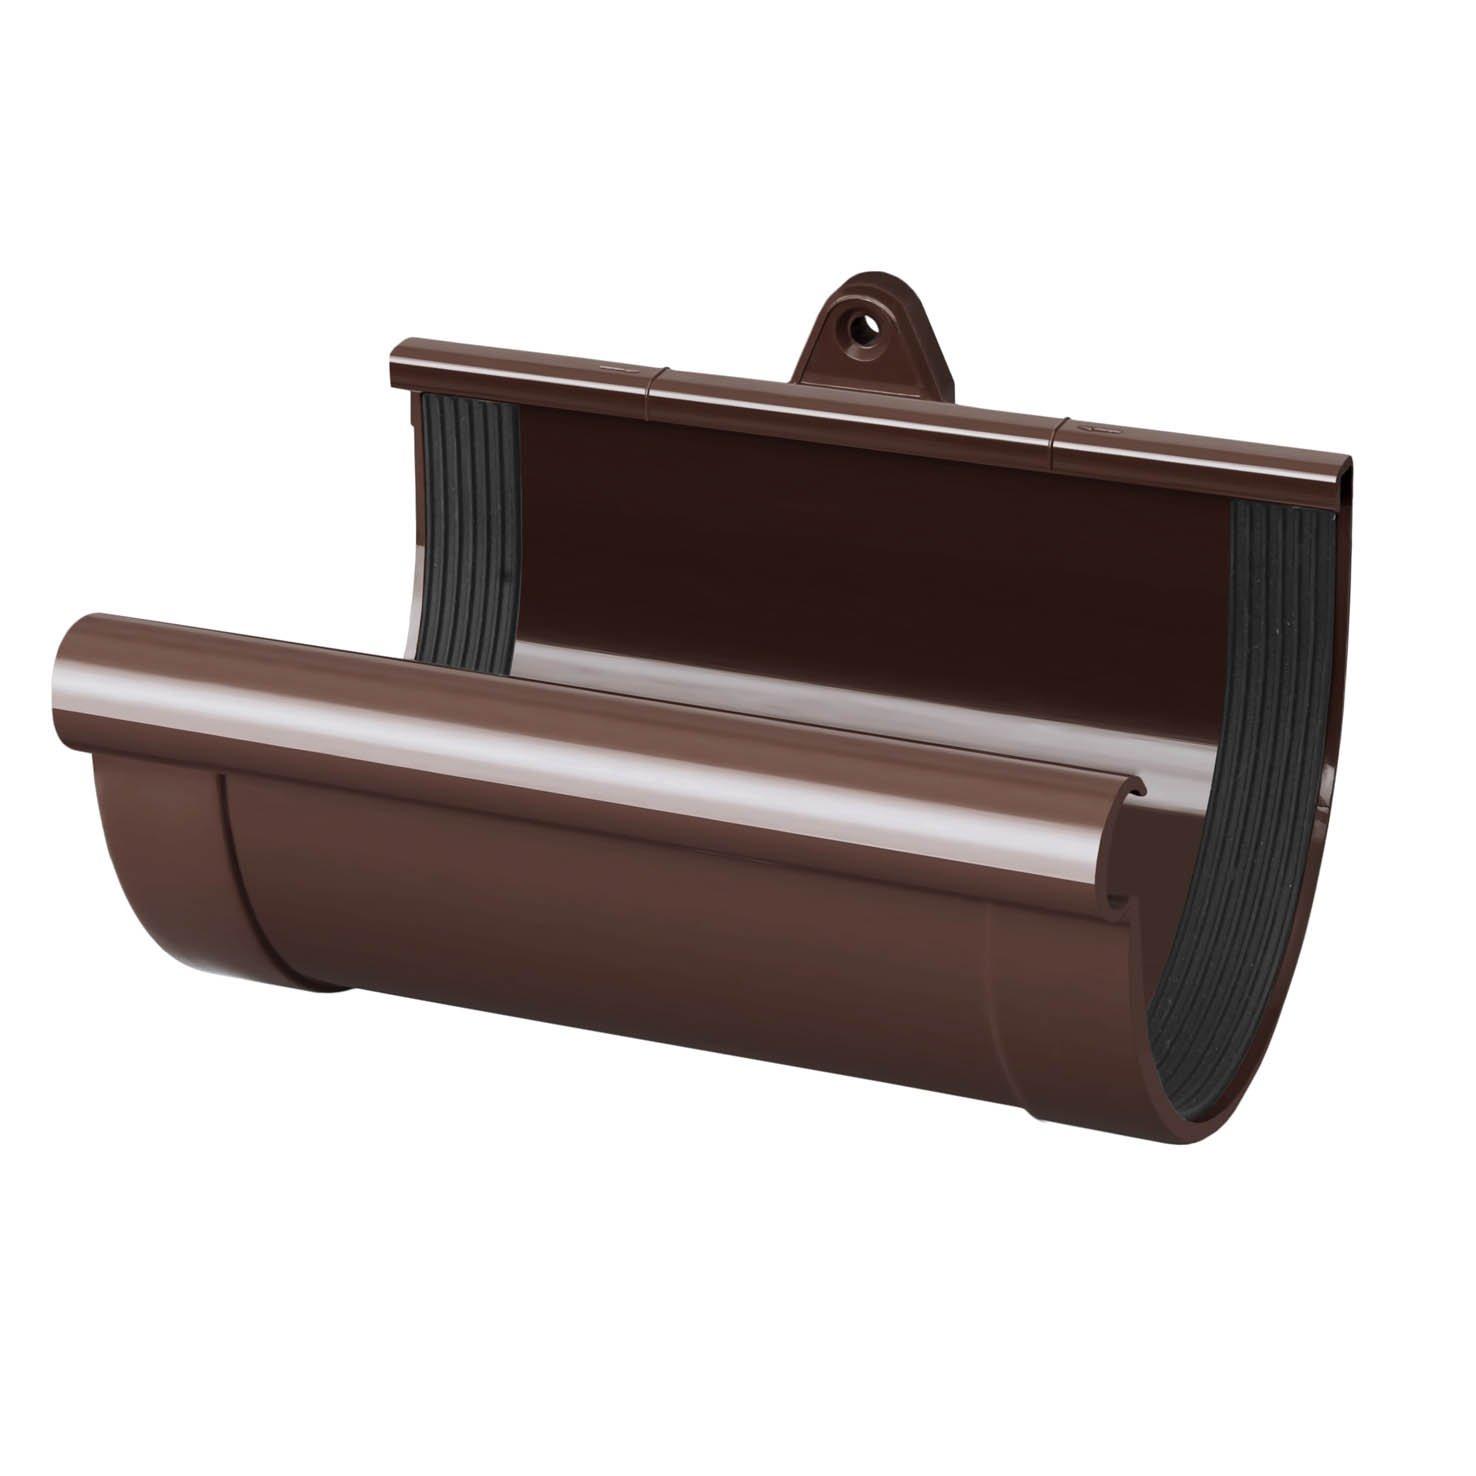 PVC RainWay Regenrinnensystem Regenwasser Regenrinne RINNENKAPPE LINKS Farbe:Braun Durchmesser:90 mm